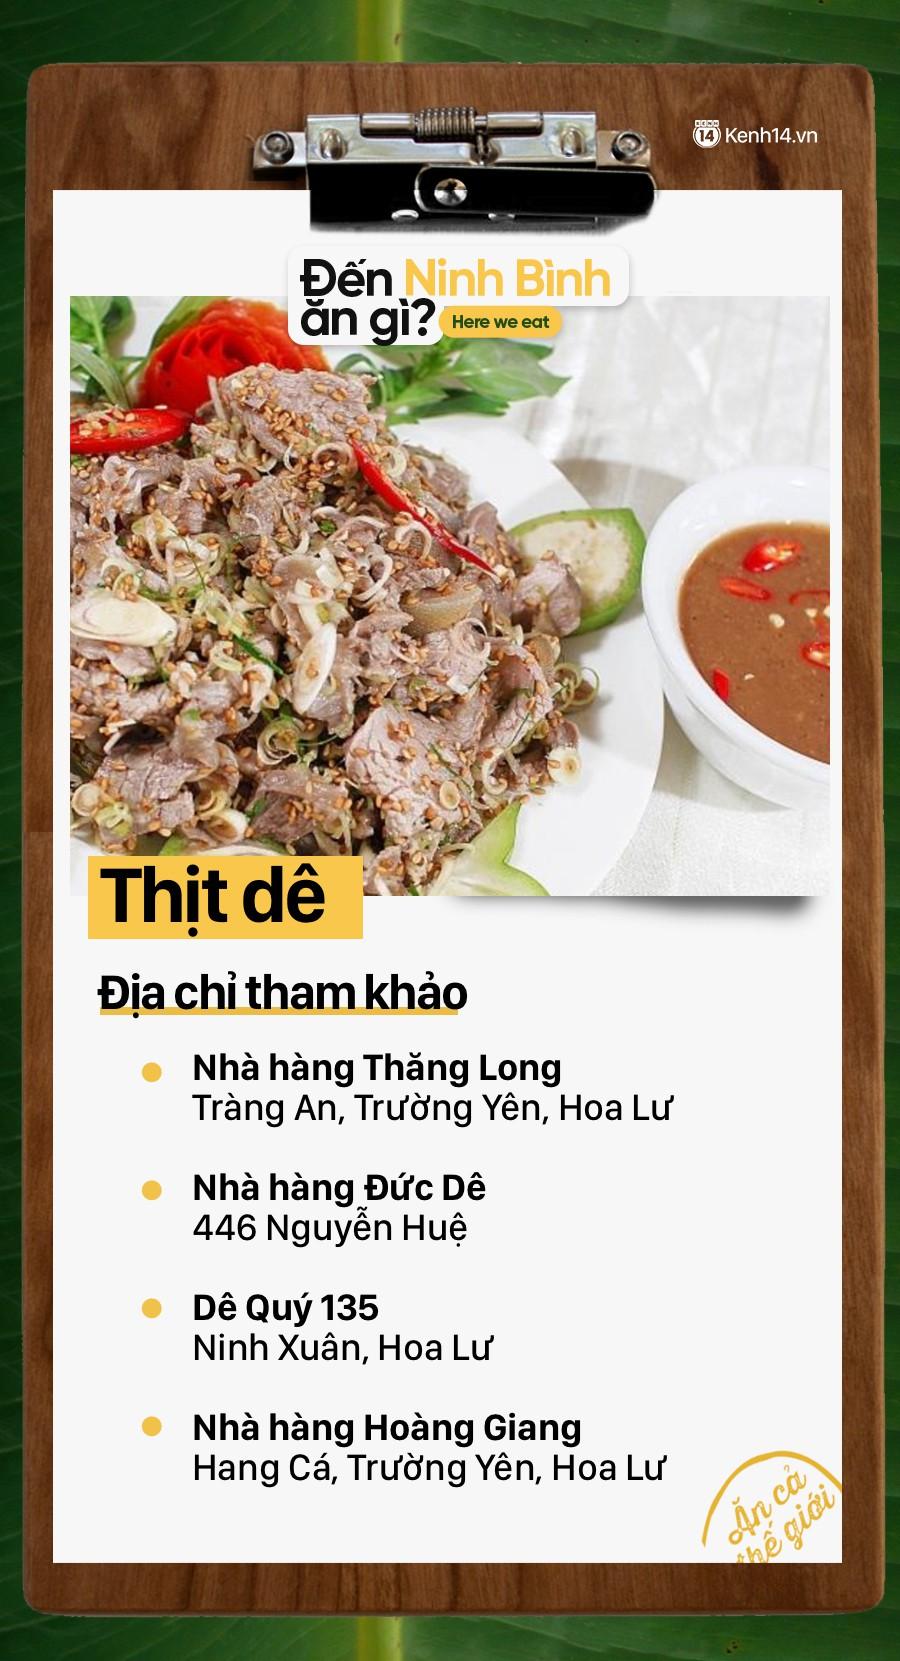 Không chỉ có nhiều cảnh đẹp, Ninh Bình còn rất nhiều món ăn ngon mà bạn cần khám phá - Ảnh 5.